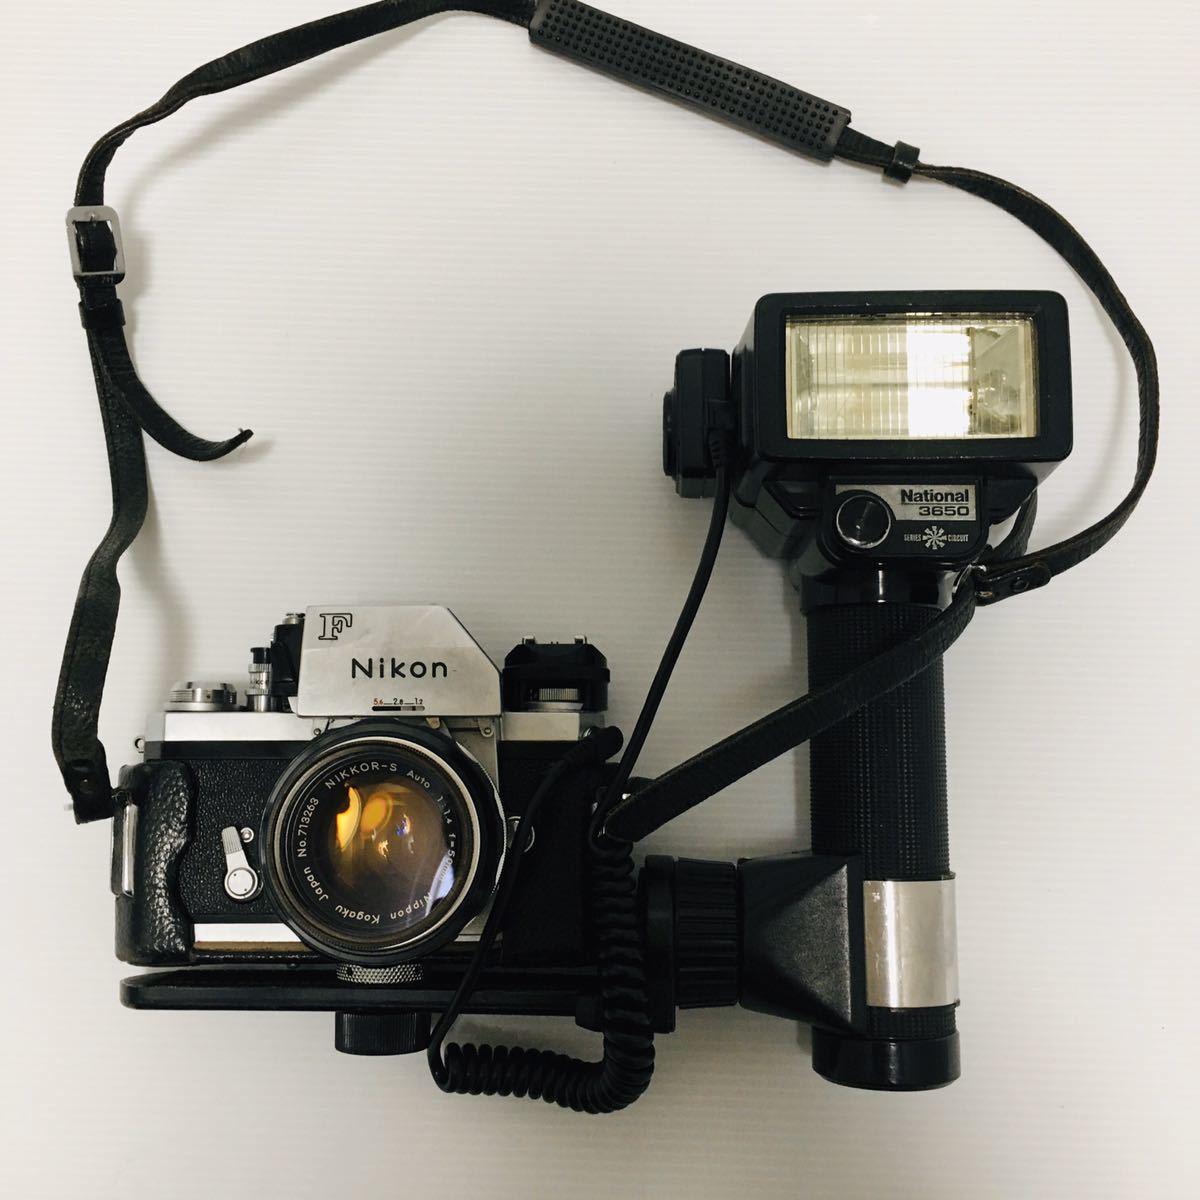 【動作未確認】Nikon F シルバー フィルムカメラ national3650 フラッシュ、レンズ付 NIKKOR-S 1:1.4 ジャンク_画像1